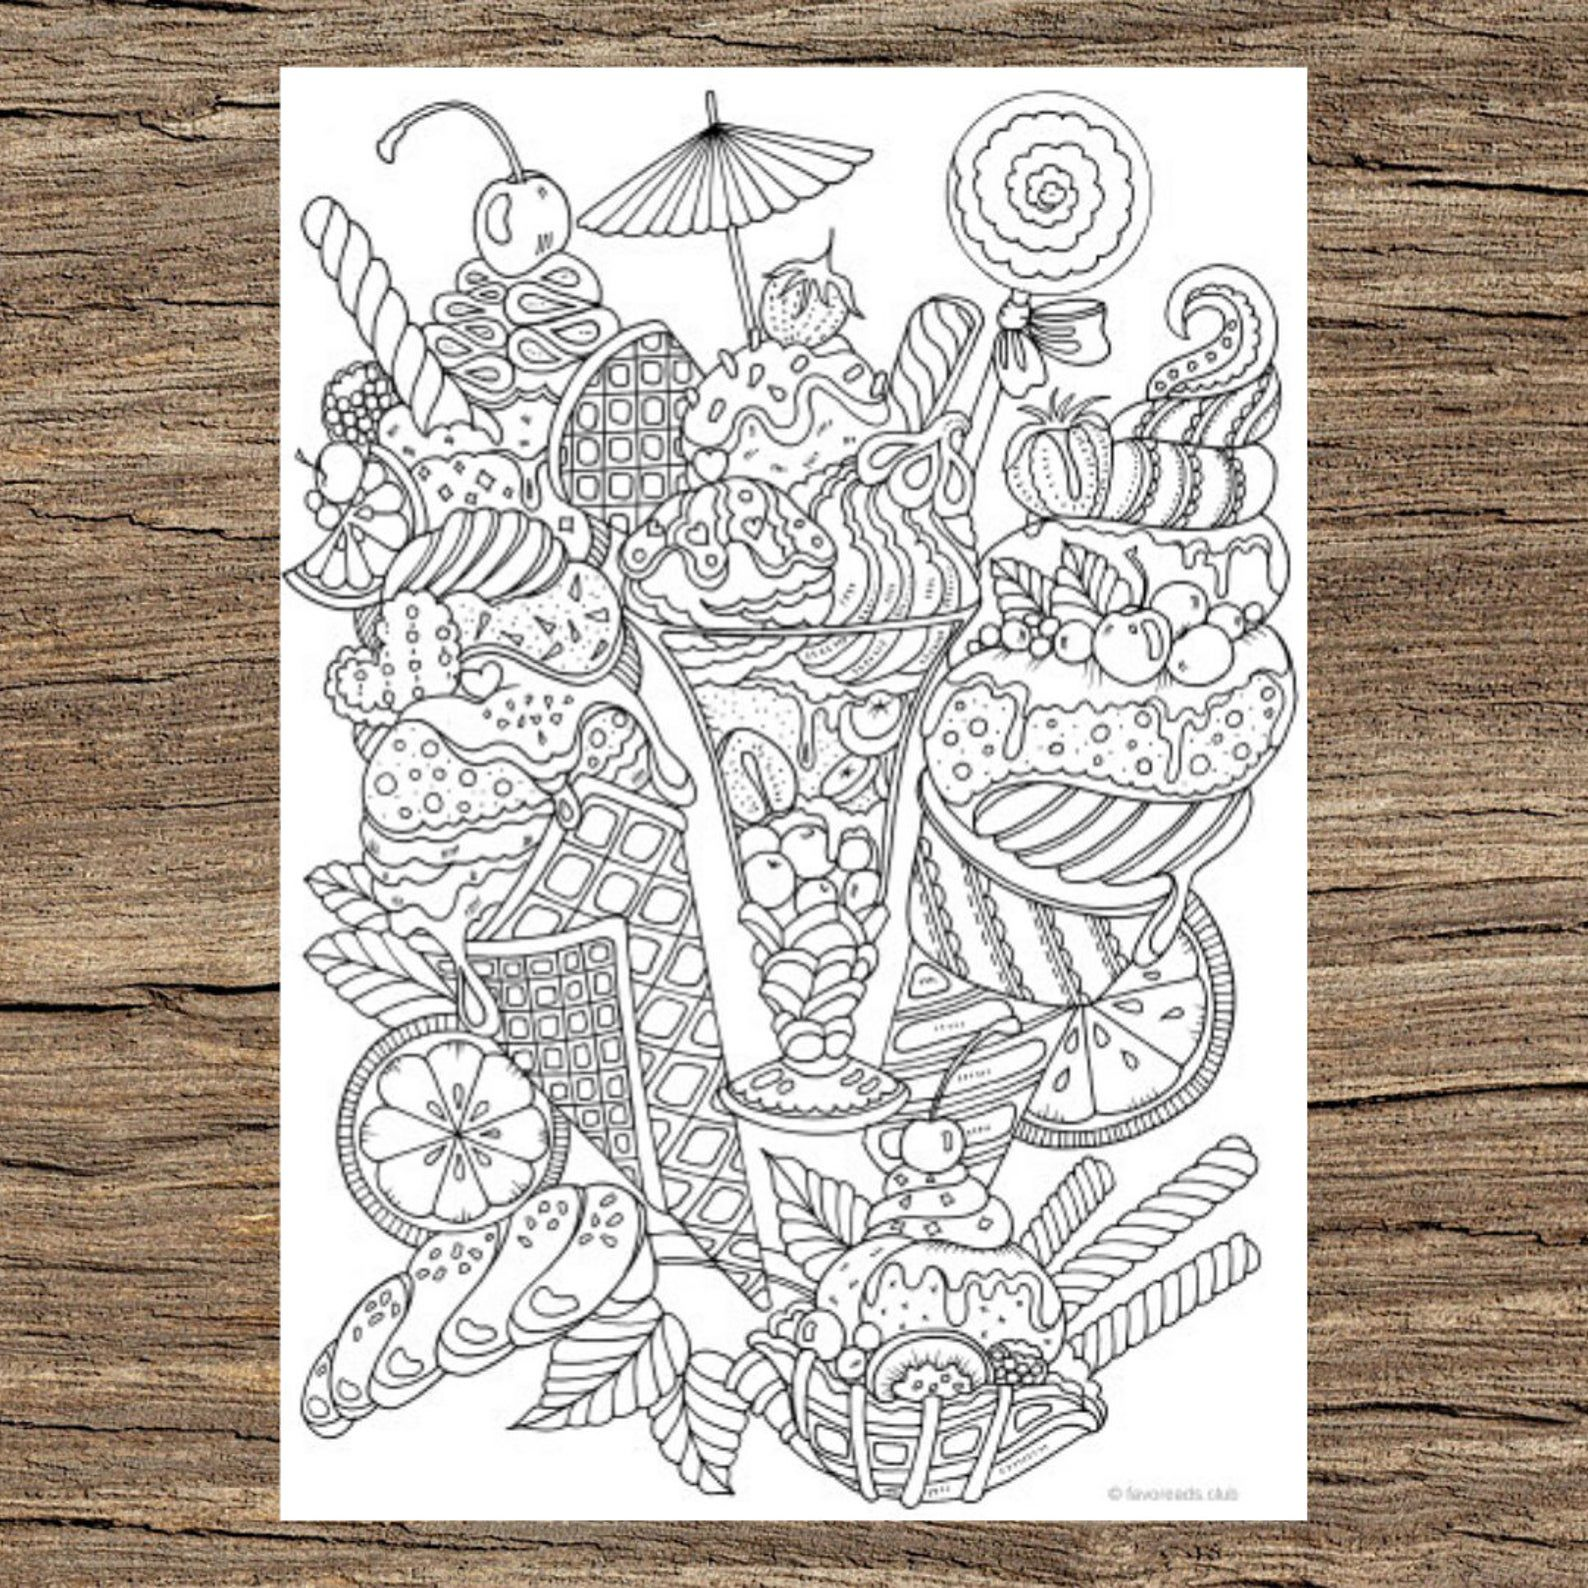 Ice cream sundae coloring book design